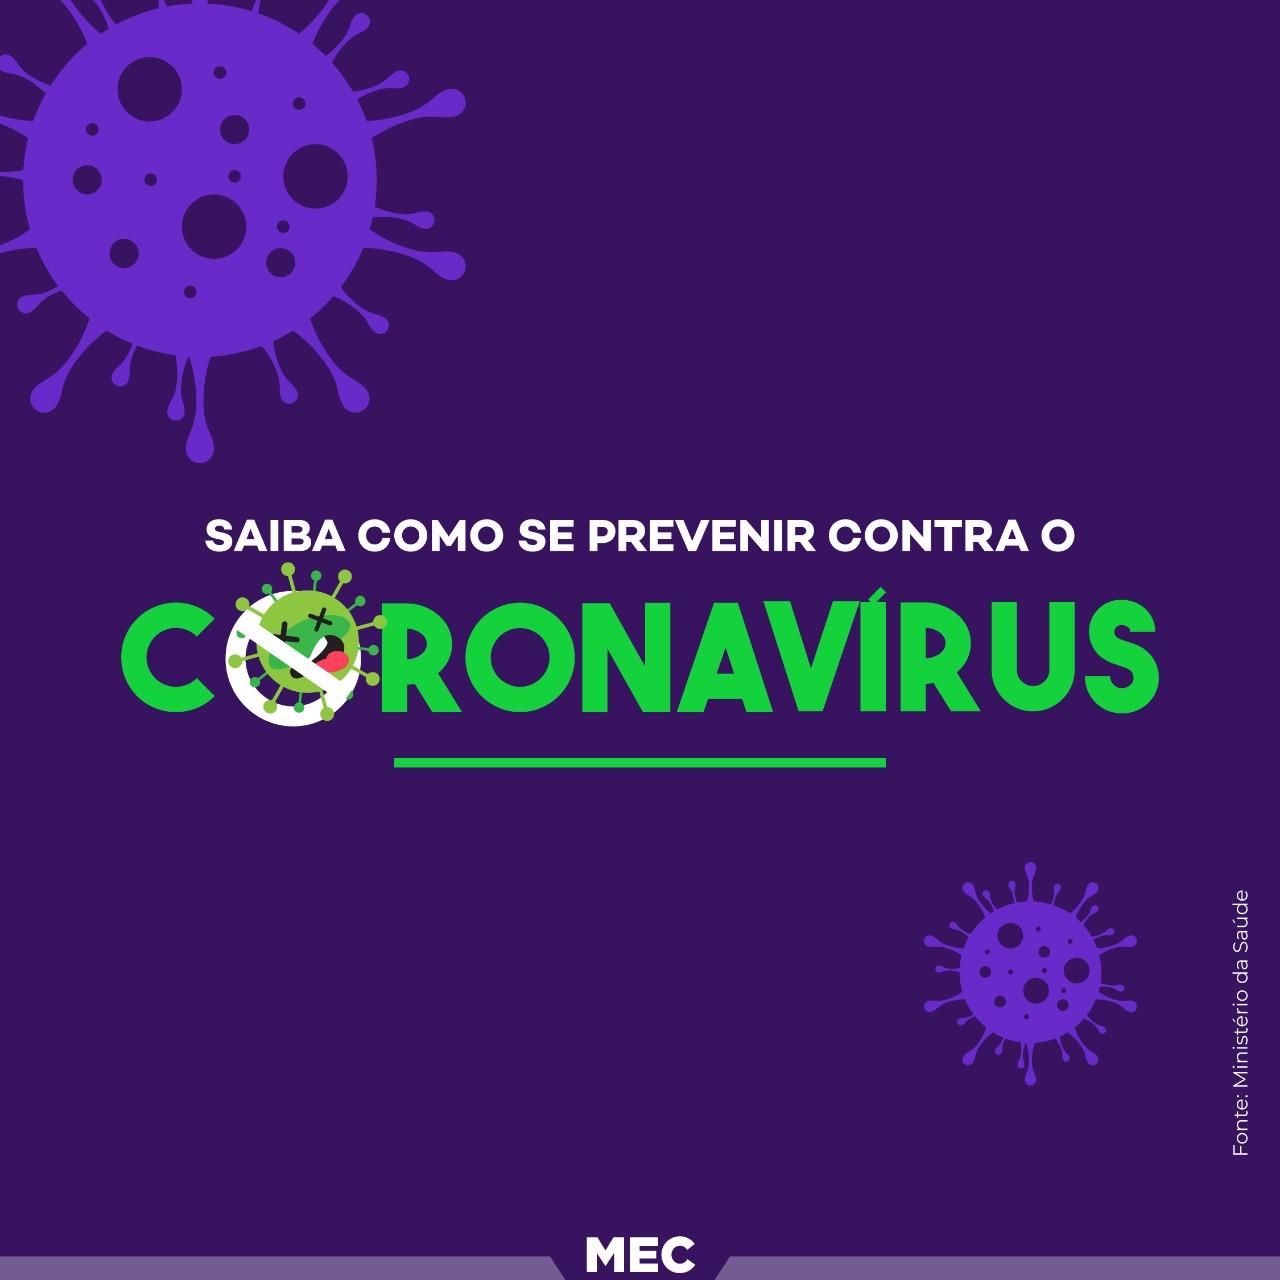 Recomendações a respeito do novo Coronavírus (COVID-19)